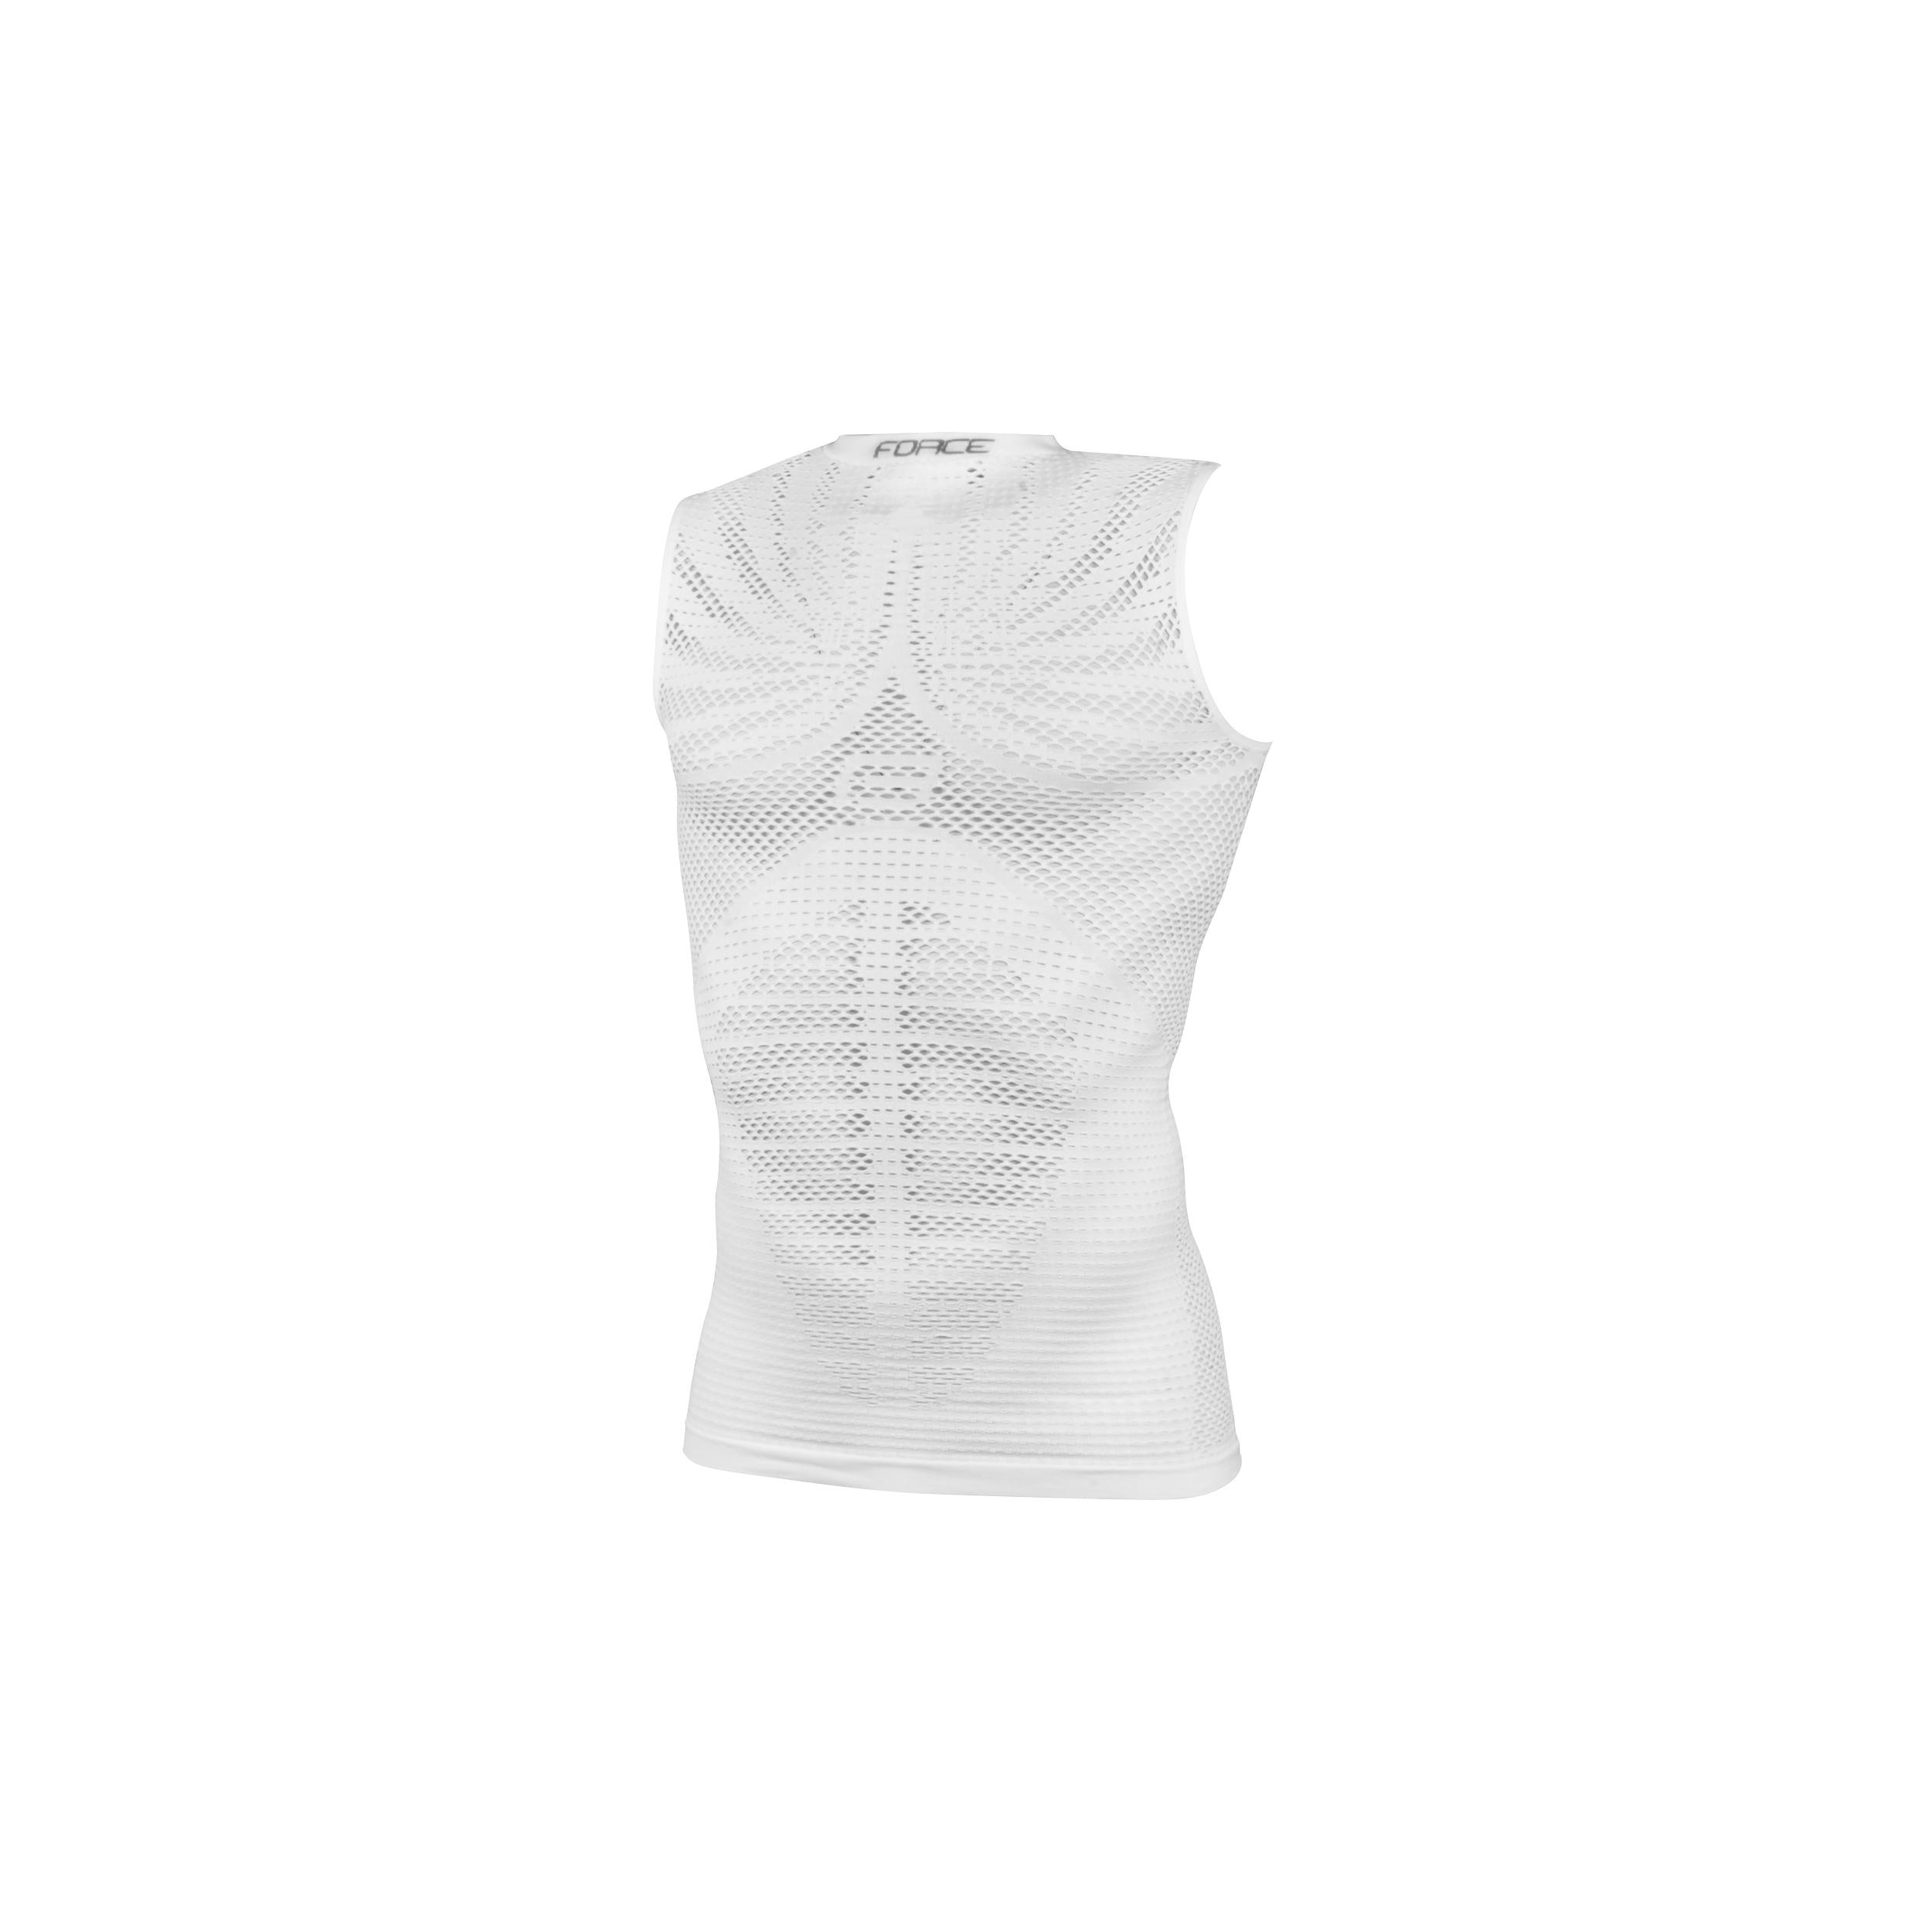 FORCE - triko funkční prádlo F TROPIC bez rukávů 26973c04c7